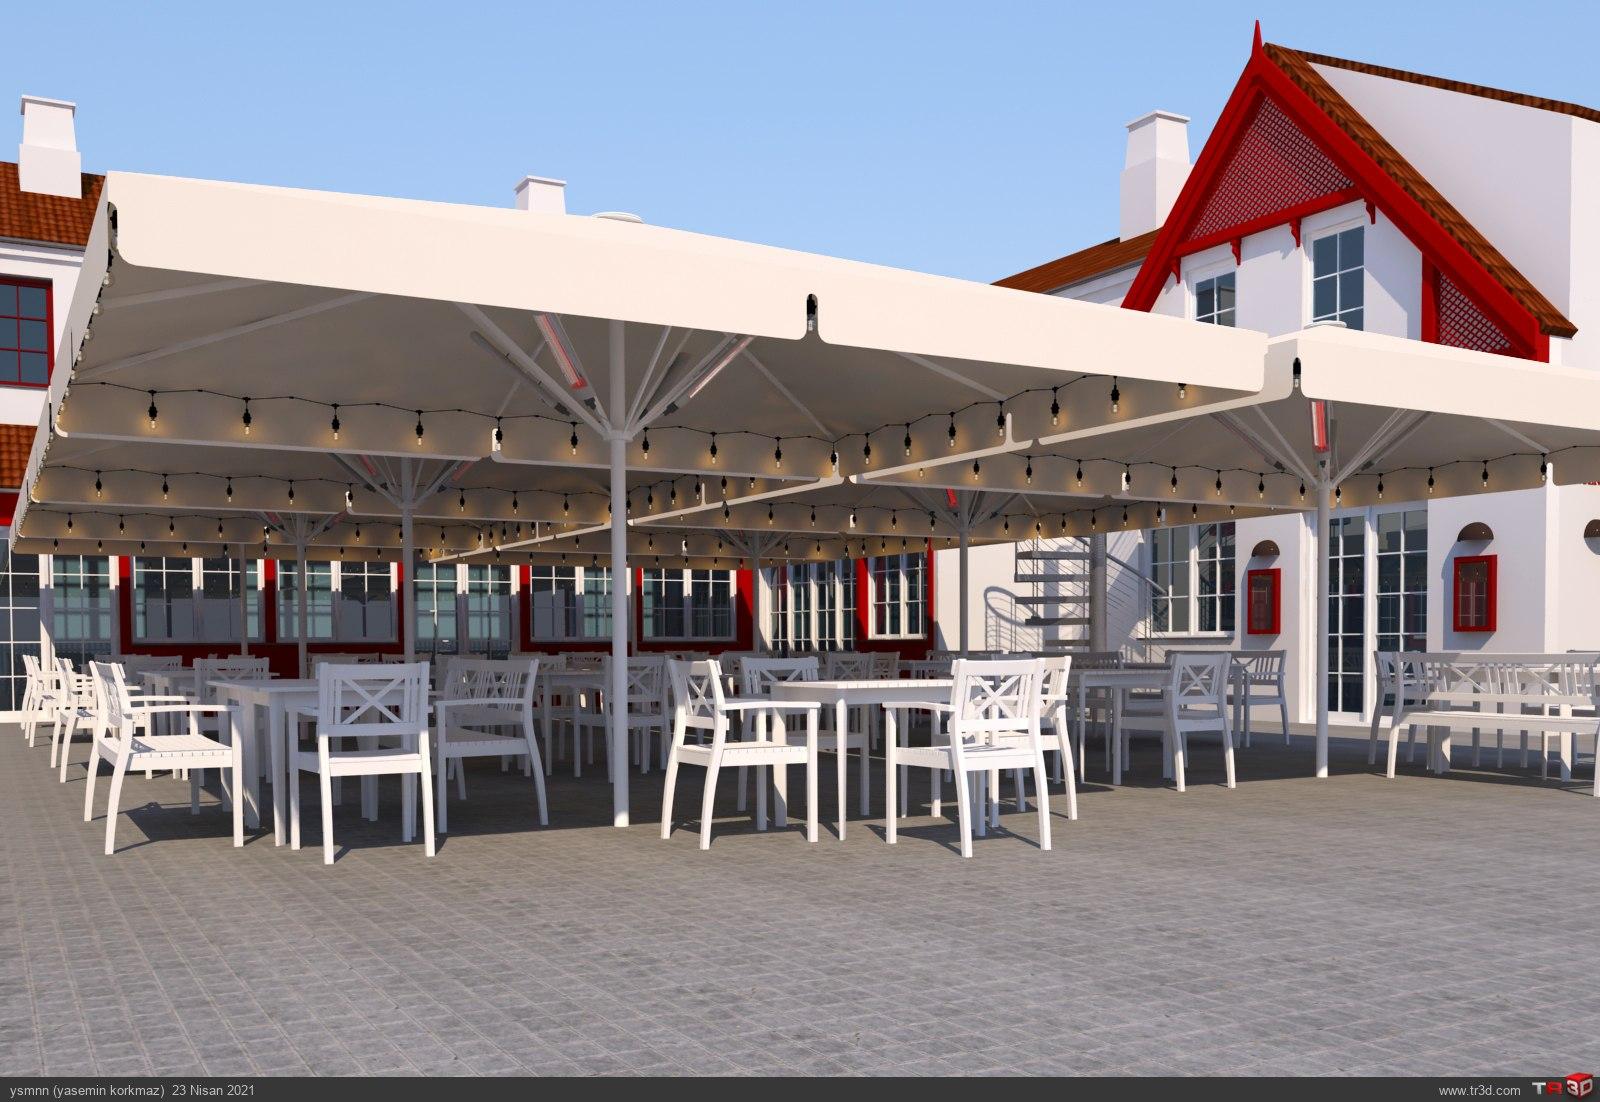 Ruths Hotel Parasol 1